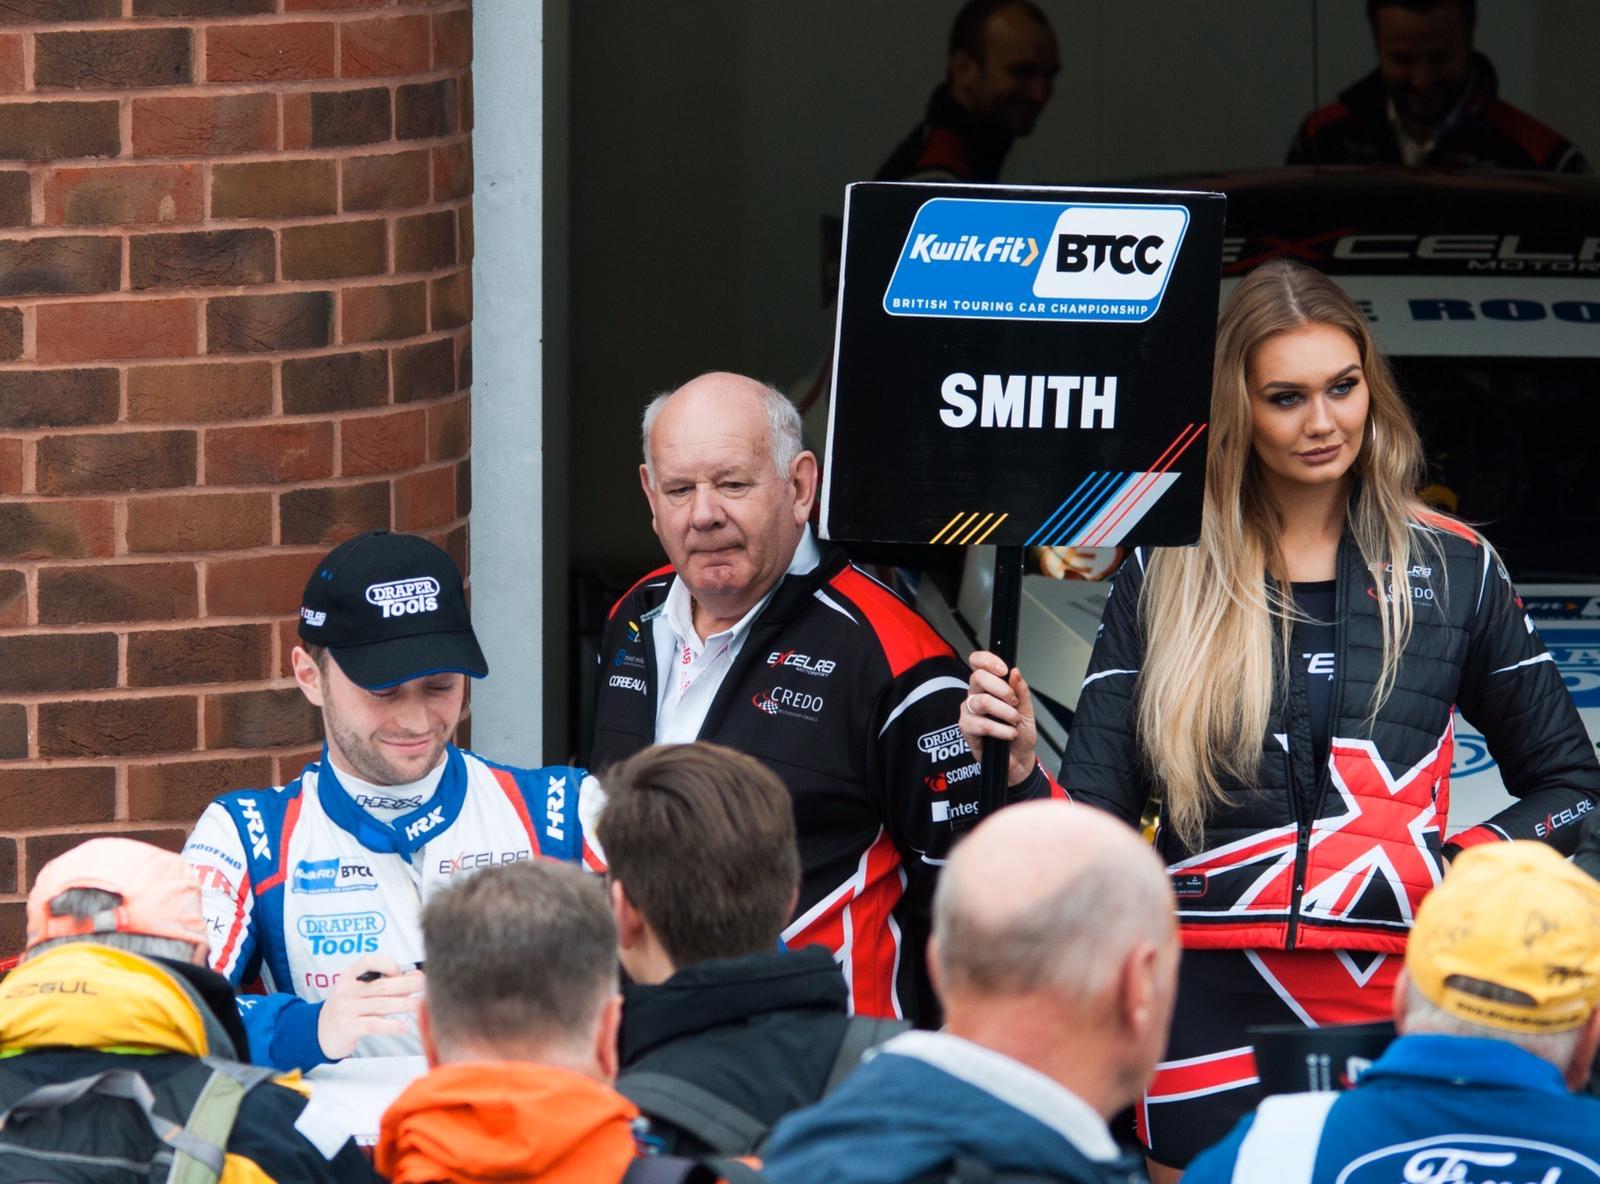 Excelr8 Motorsport BTCC at Brands Hatch BTCC on Sunday 13th October 2019